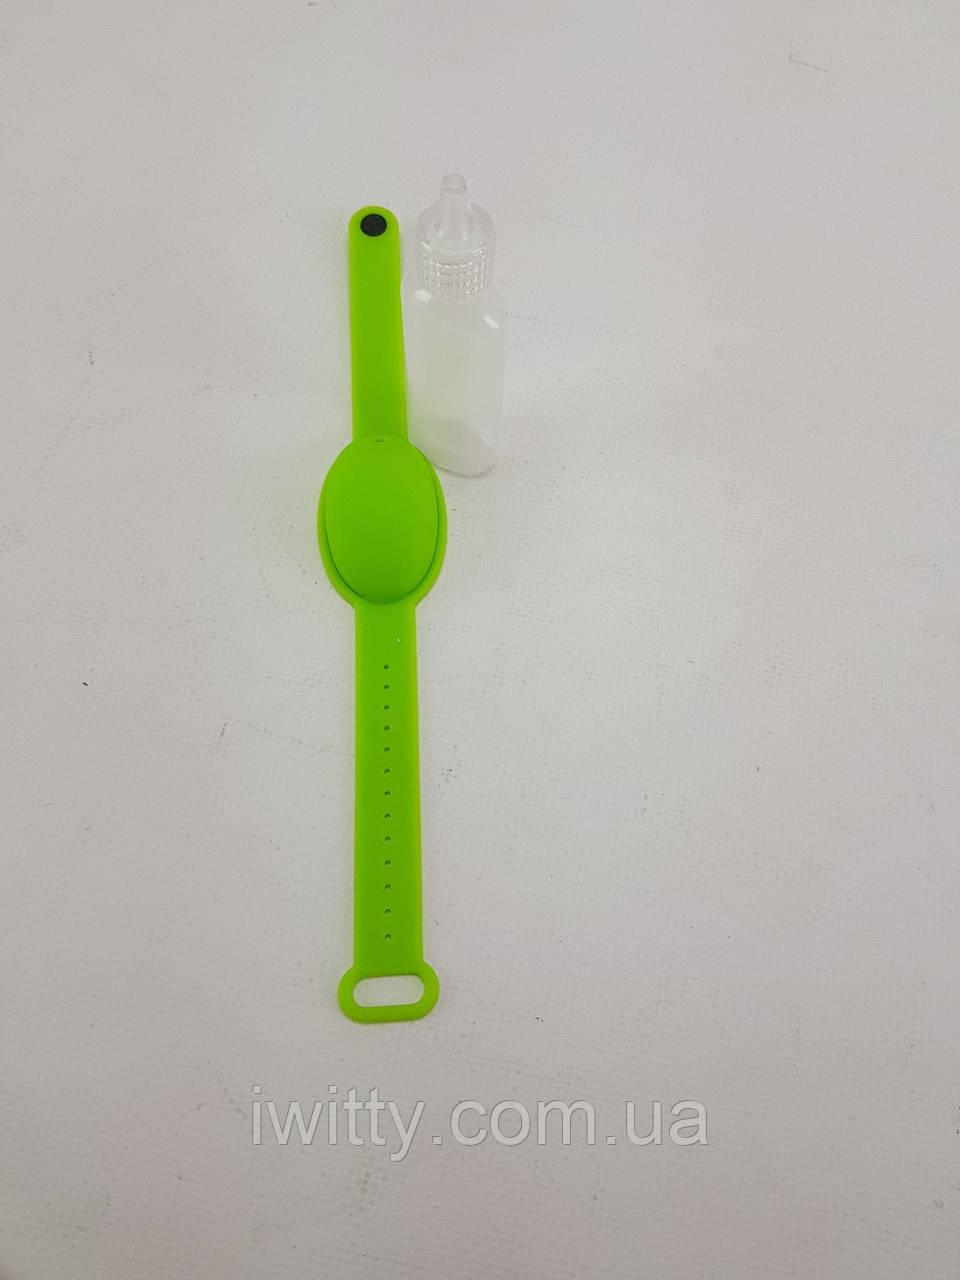 Универсальный силиконовый браслет для антисептика (ЗЕЛЕНЫЙ)